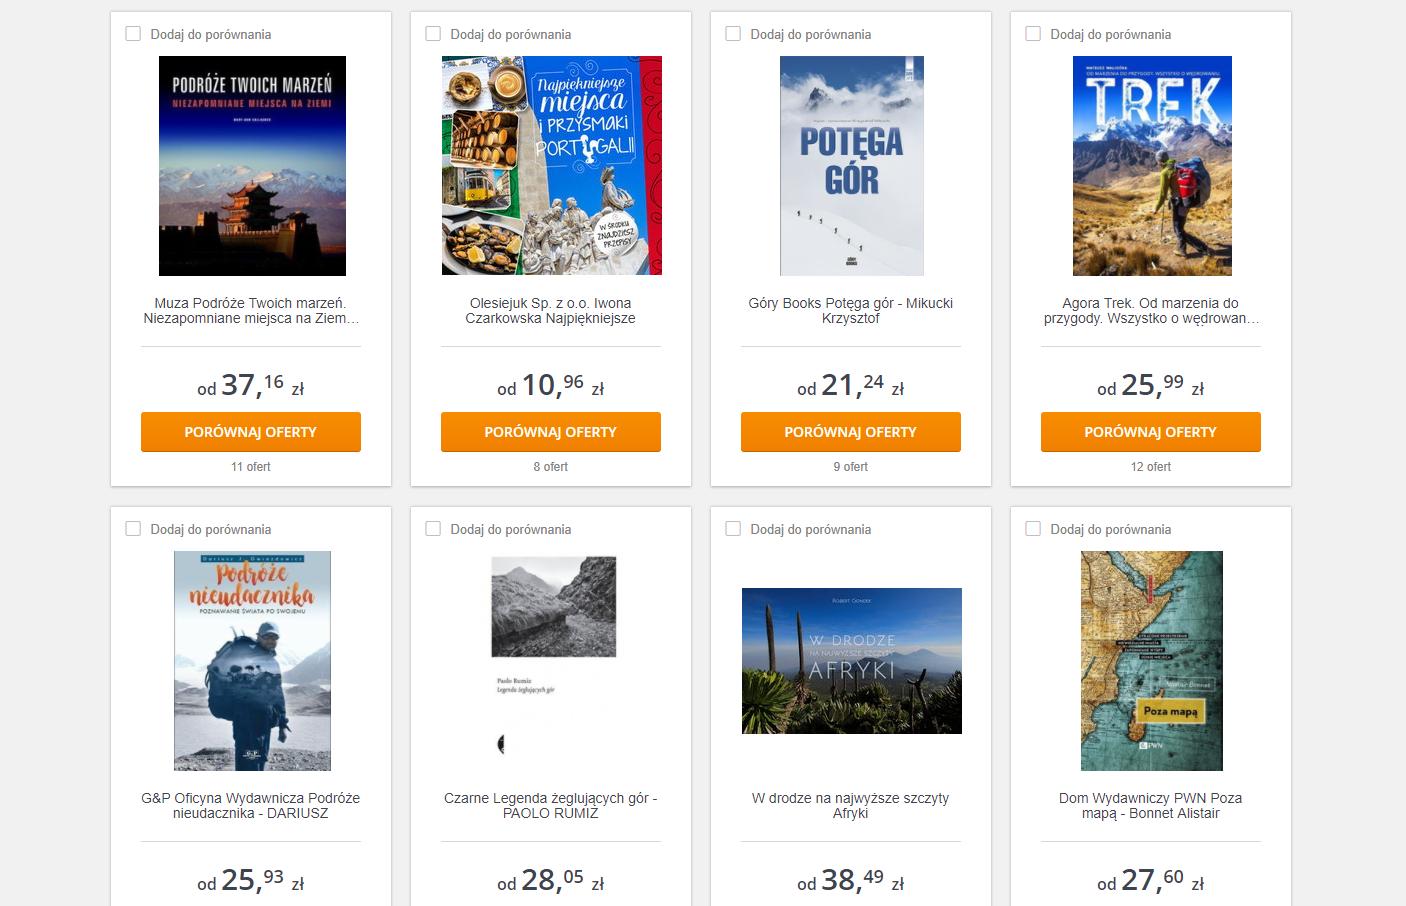 pomysł na prezent dla podróżnika - książka podróżnicza